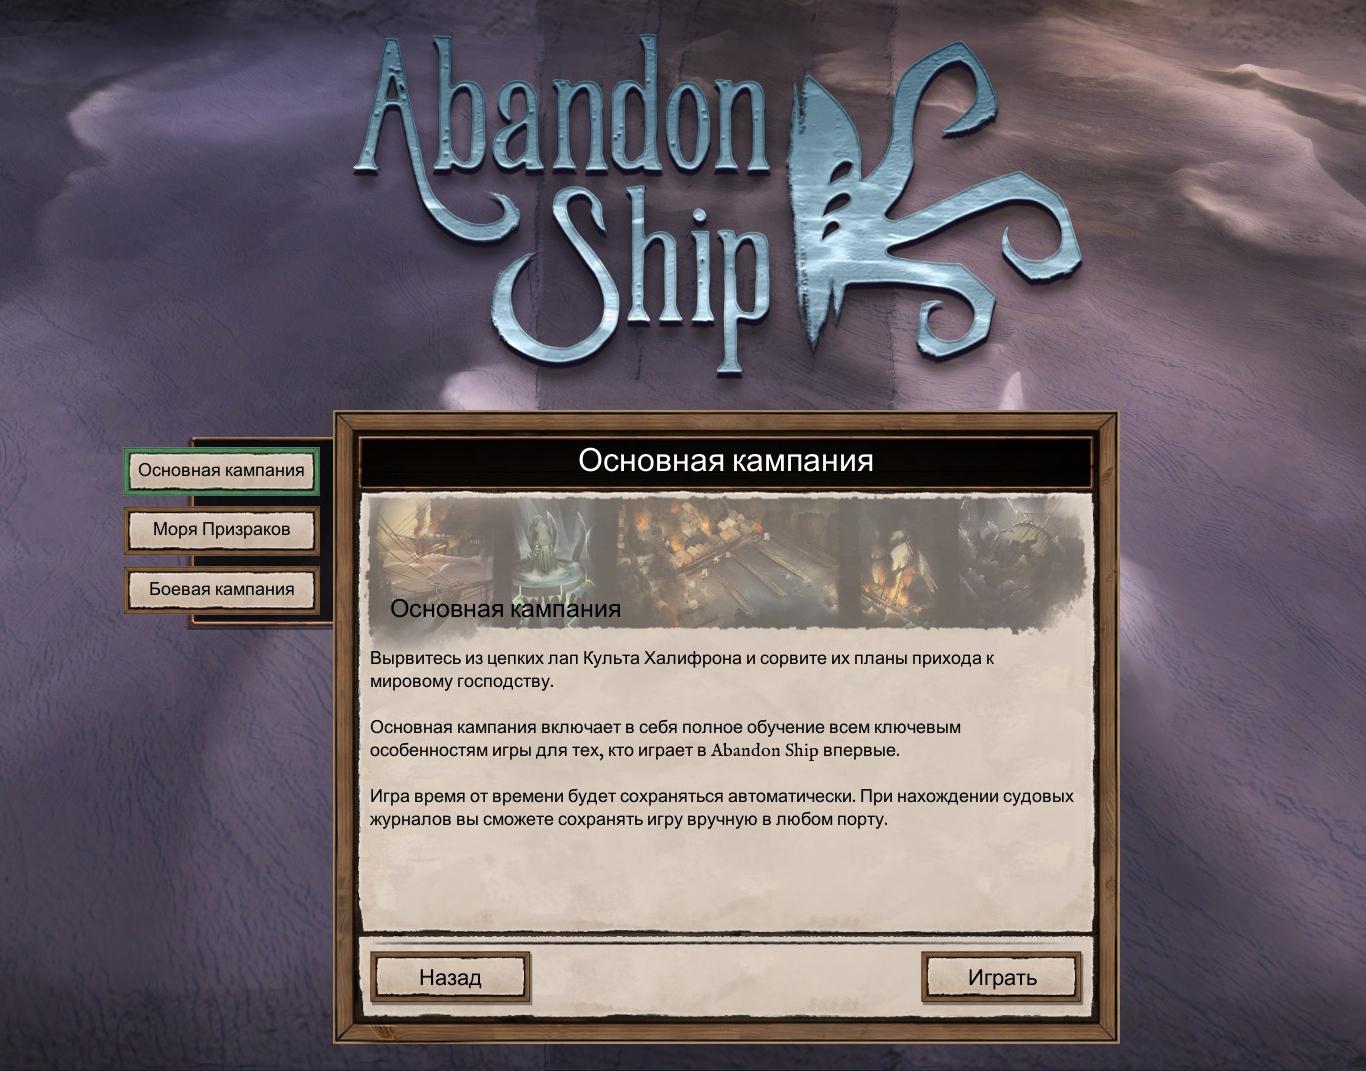 Крупное обновление для Abandon Ship: Расколотая Империя